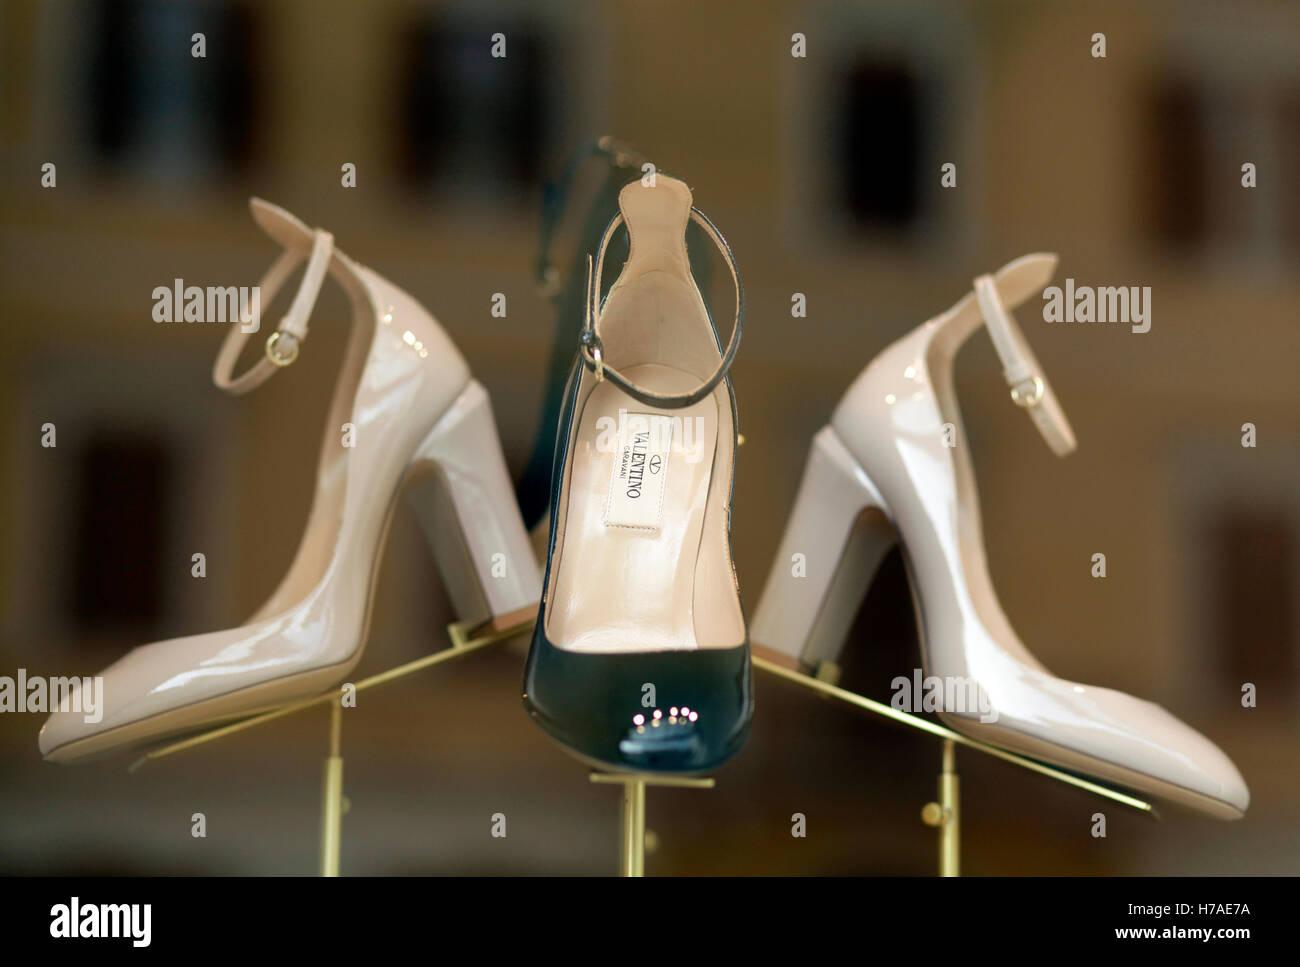 outlet store 5d9df 1a9b7 La vetrina del negozio Valentino mostra dei tacchi alti ...